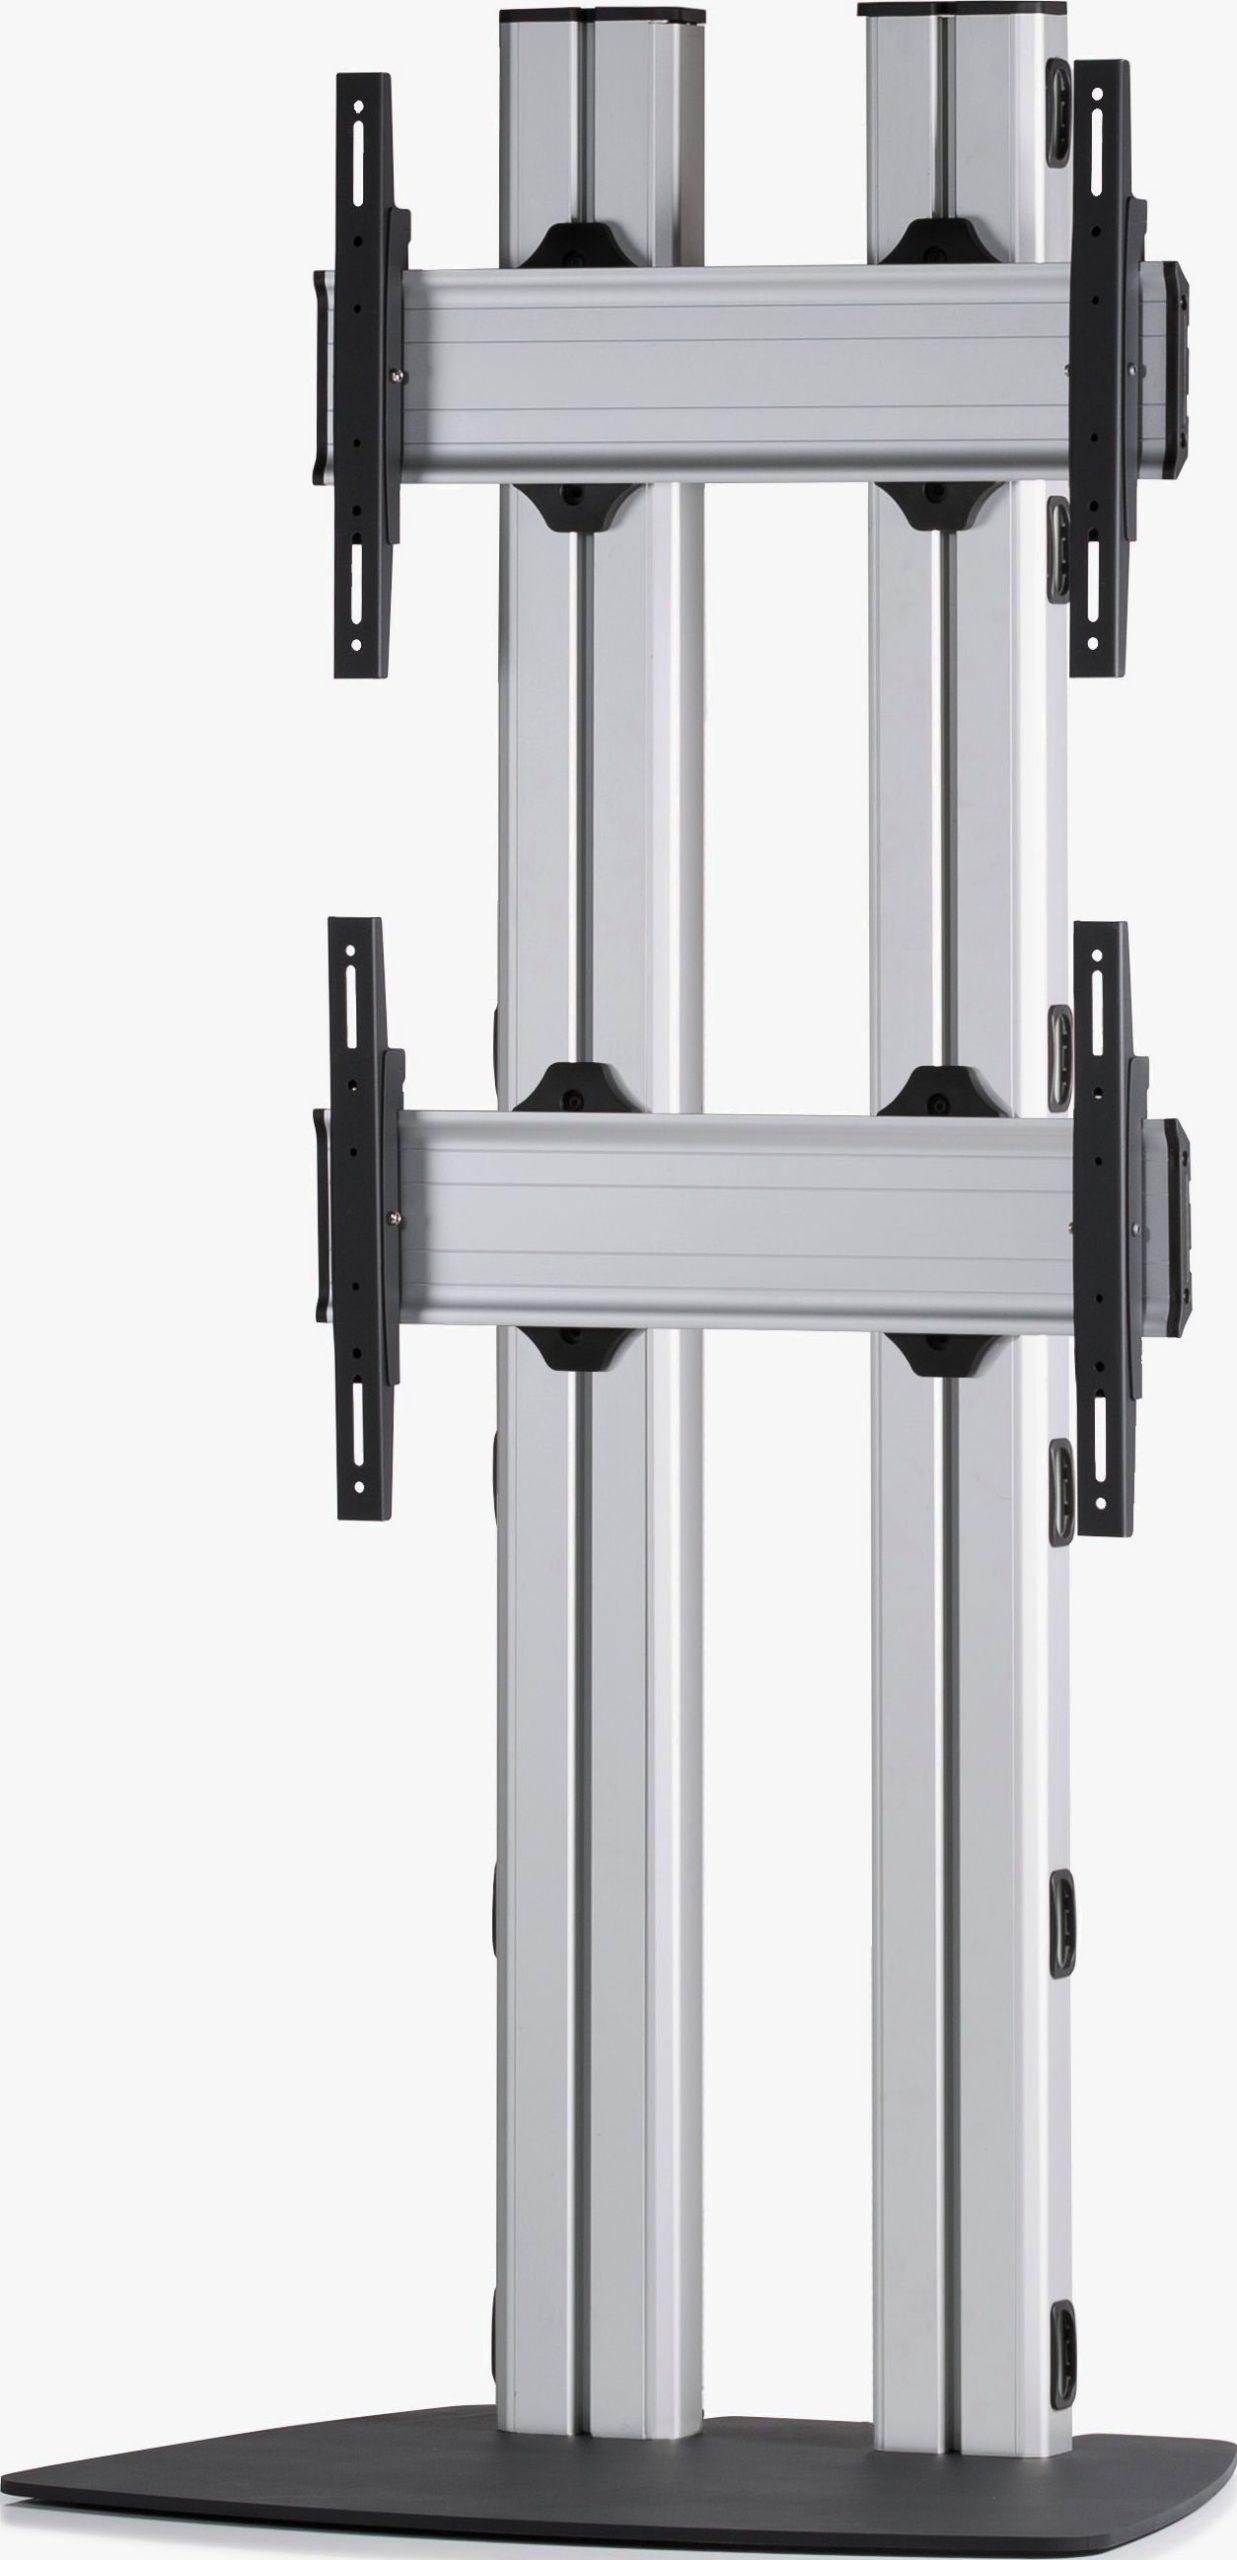 2 Displays 2x1, für große Bildschirme, Standard-VESA, mit Standfuß